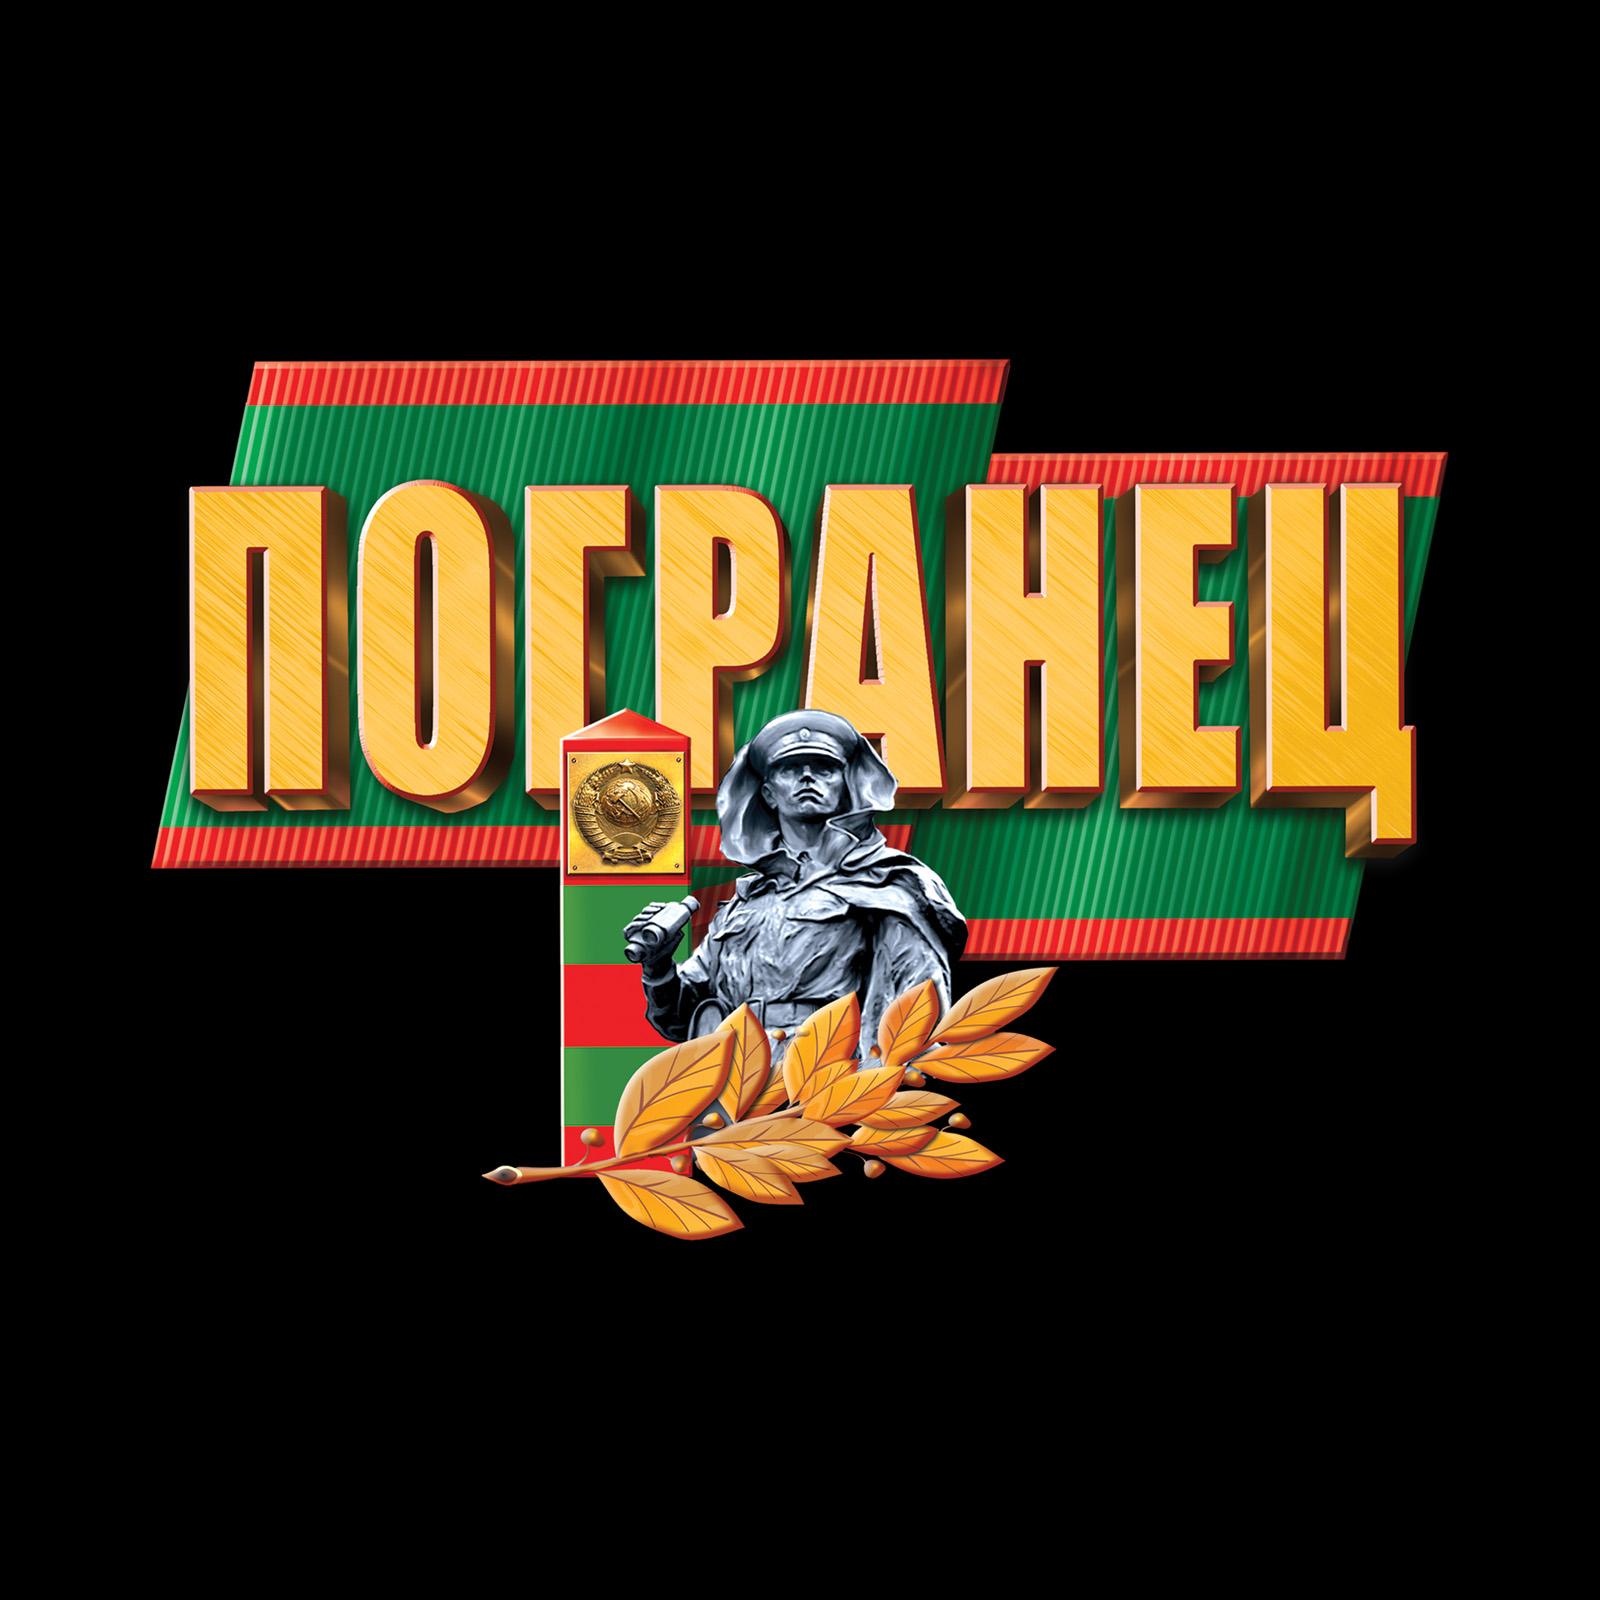 Мужская футболка с принтом ПОГРАНЕЦ.